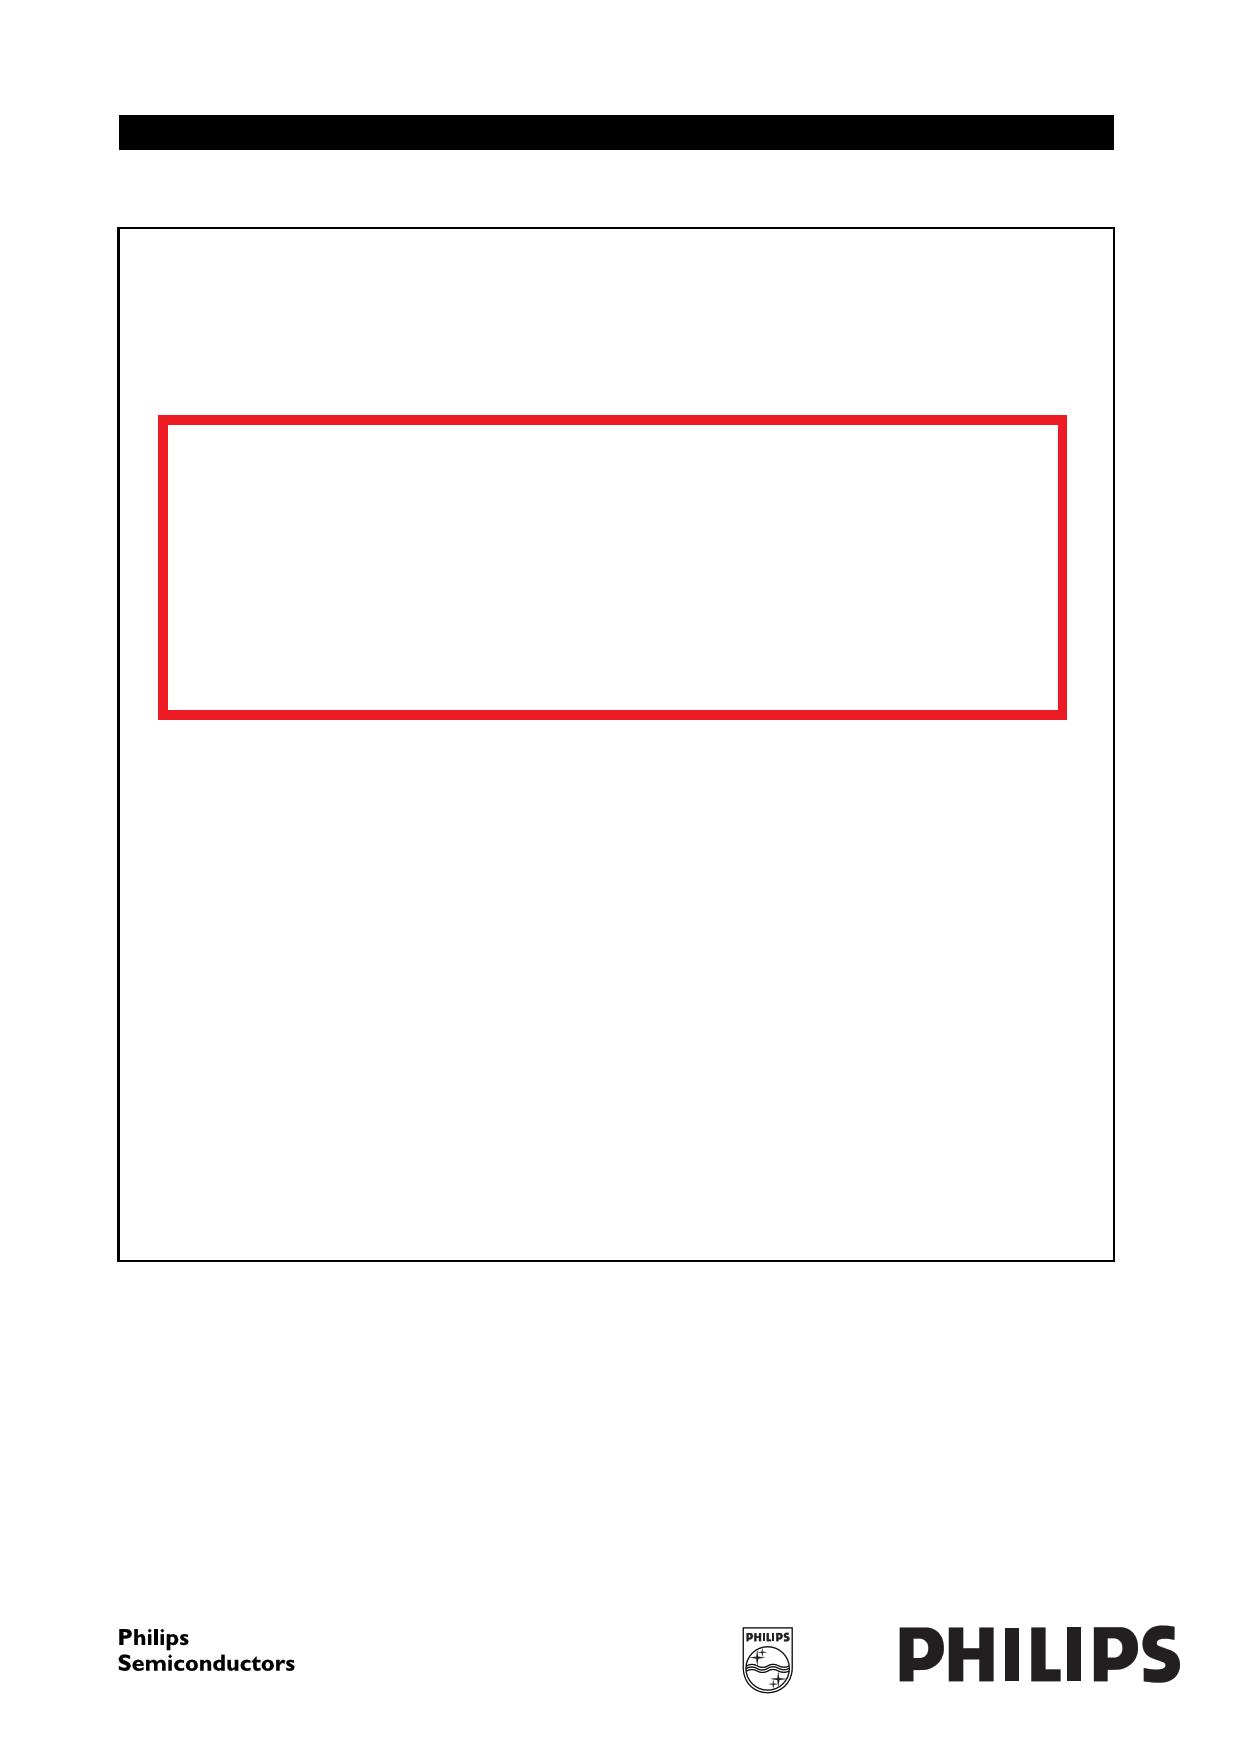 4027 datasheet